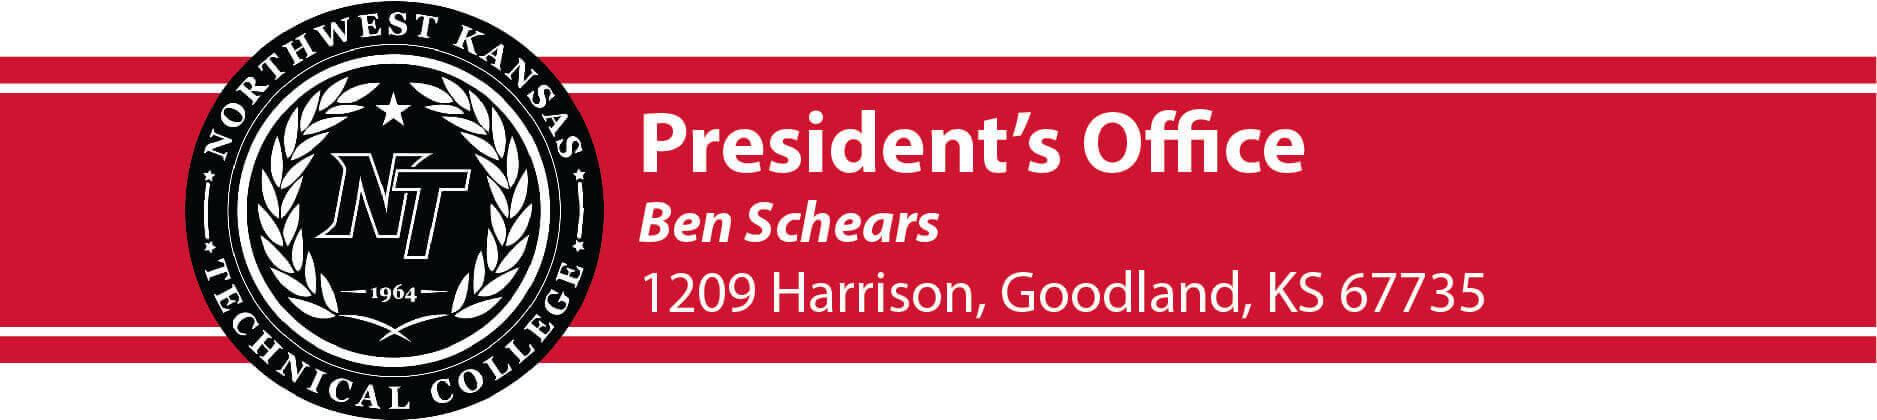 president's letterhead image